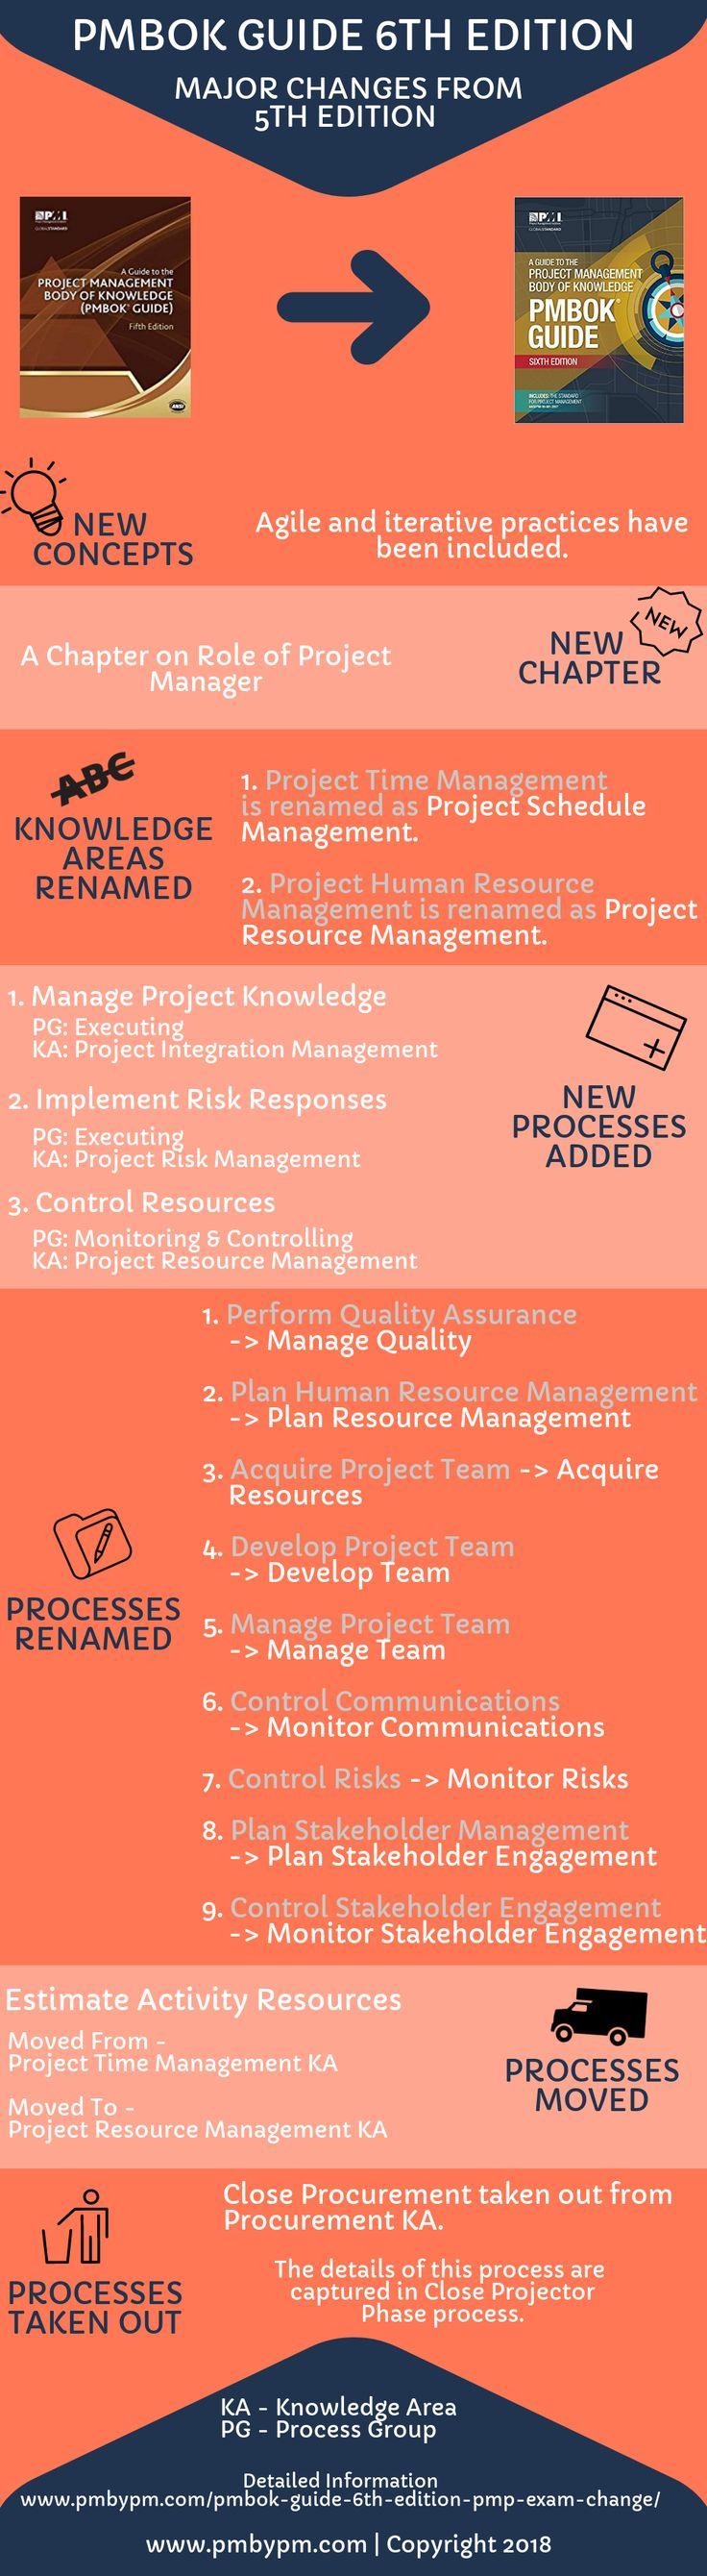 934 best project management images on pinterest project management